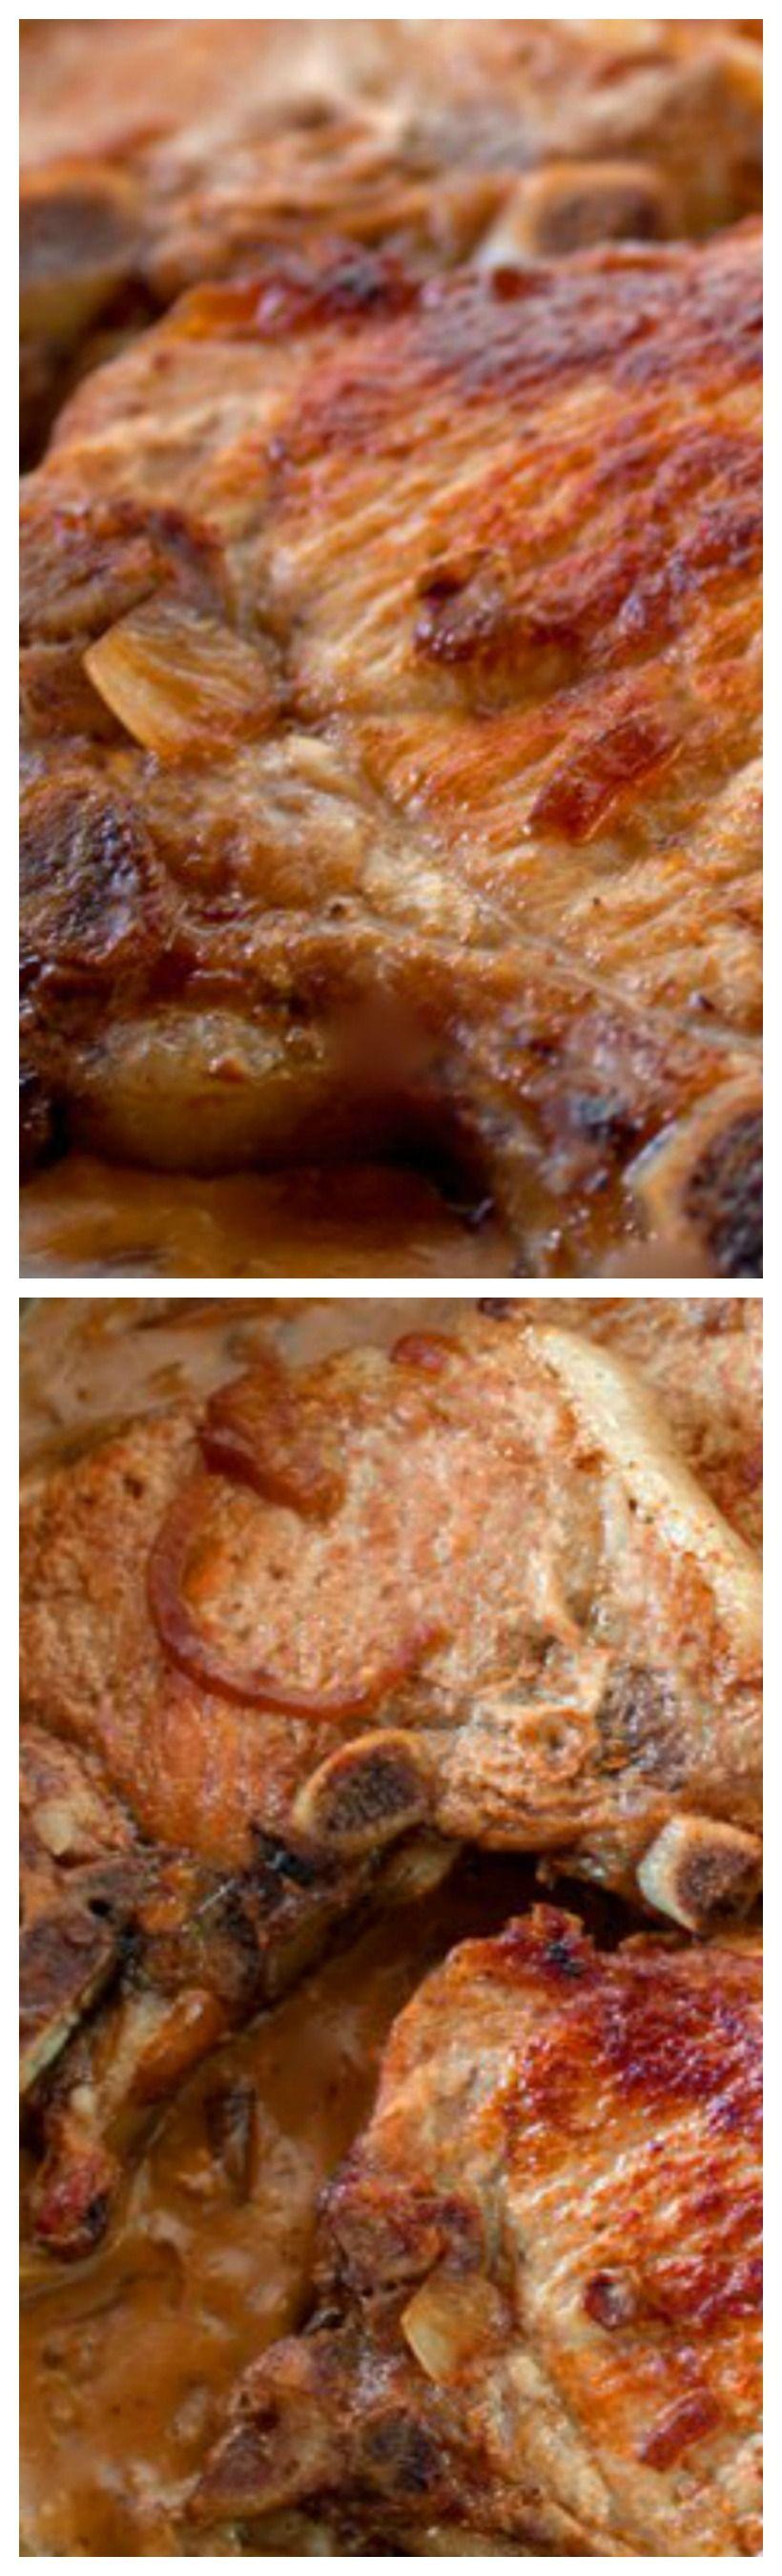 recipe: sour cream gravy pork chops [35]